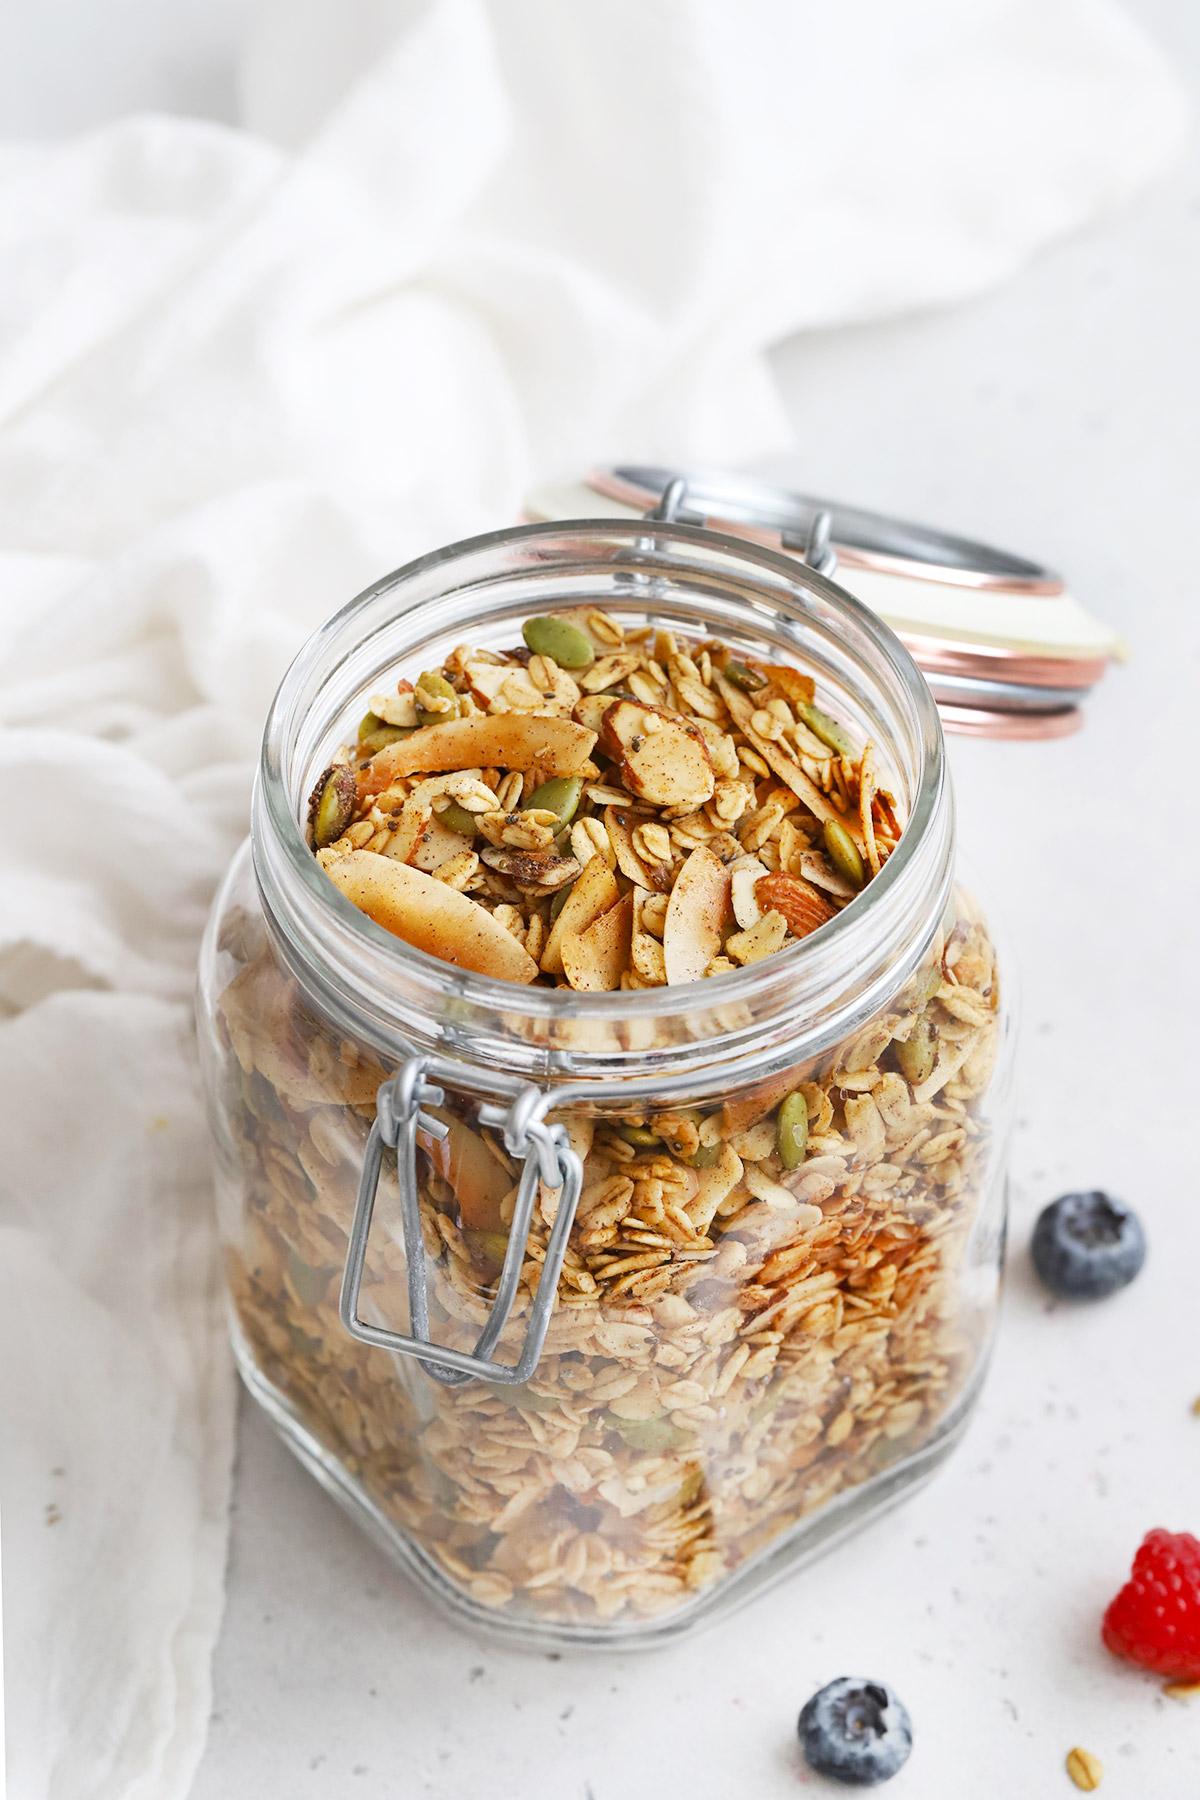 Jar of Gluten Free Warm Spiced Granola